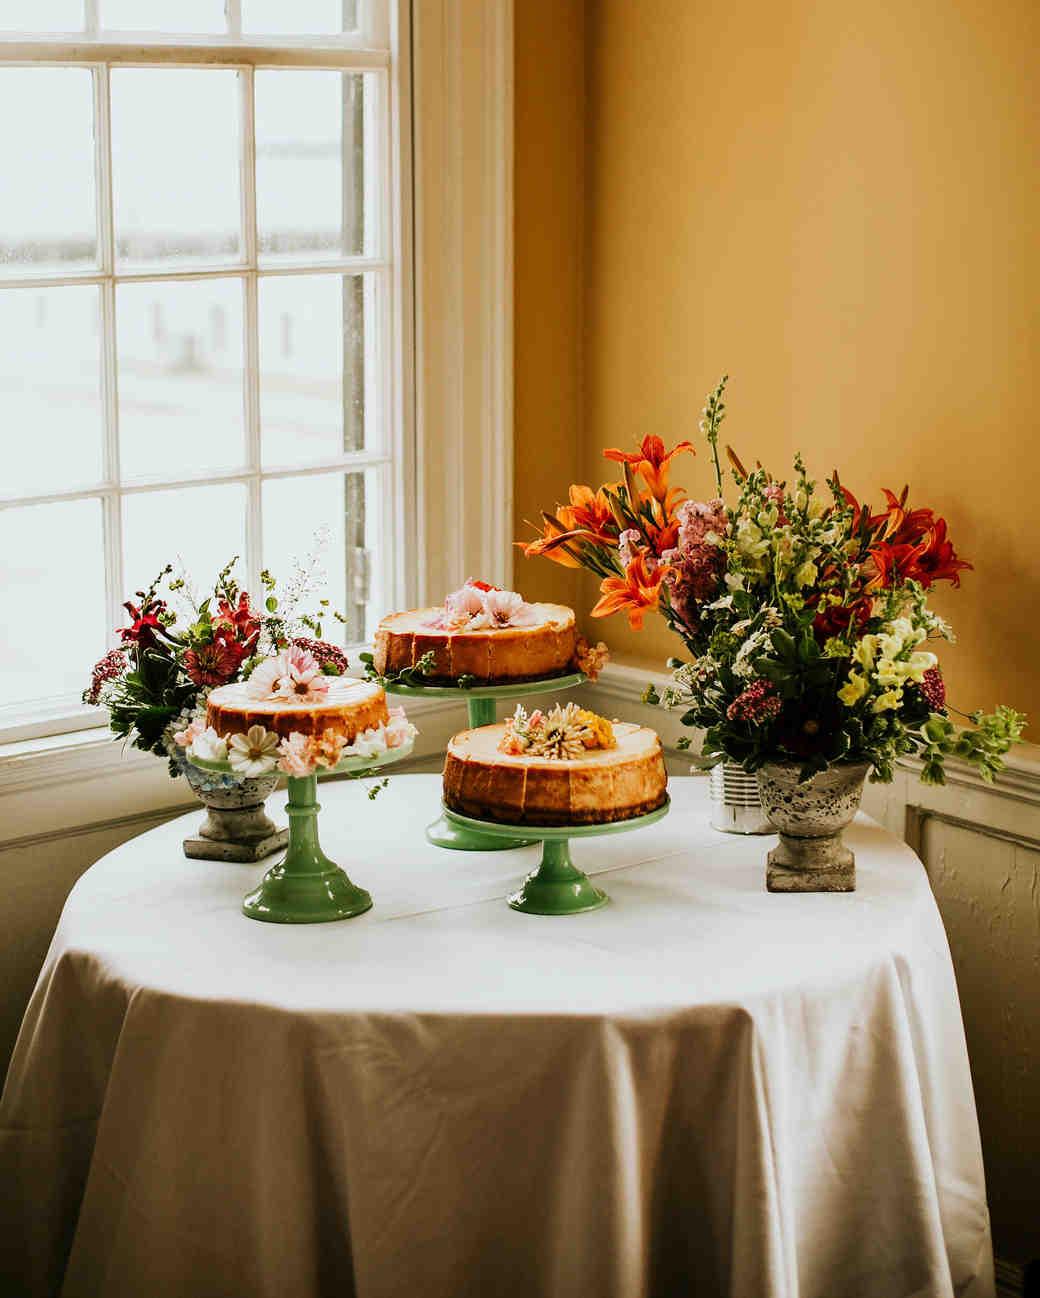 leah michael wedding cakes display flowers